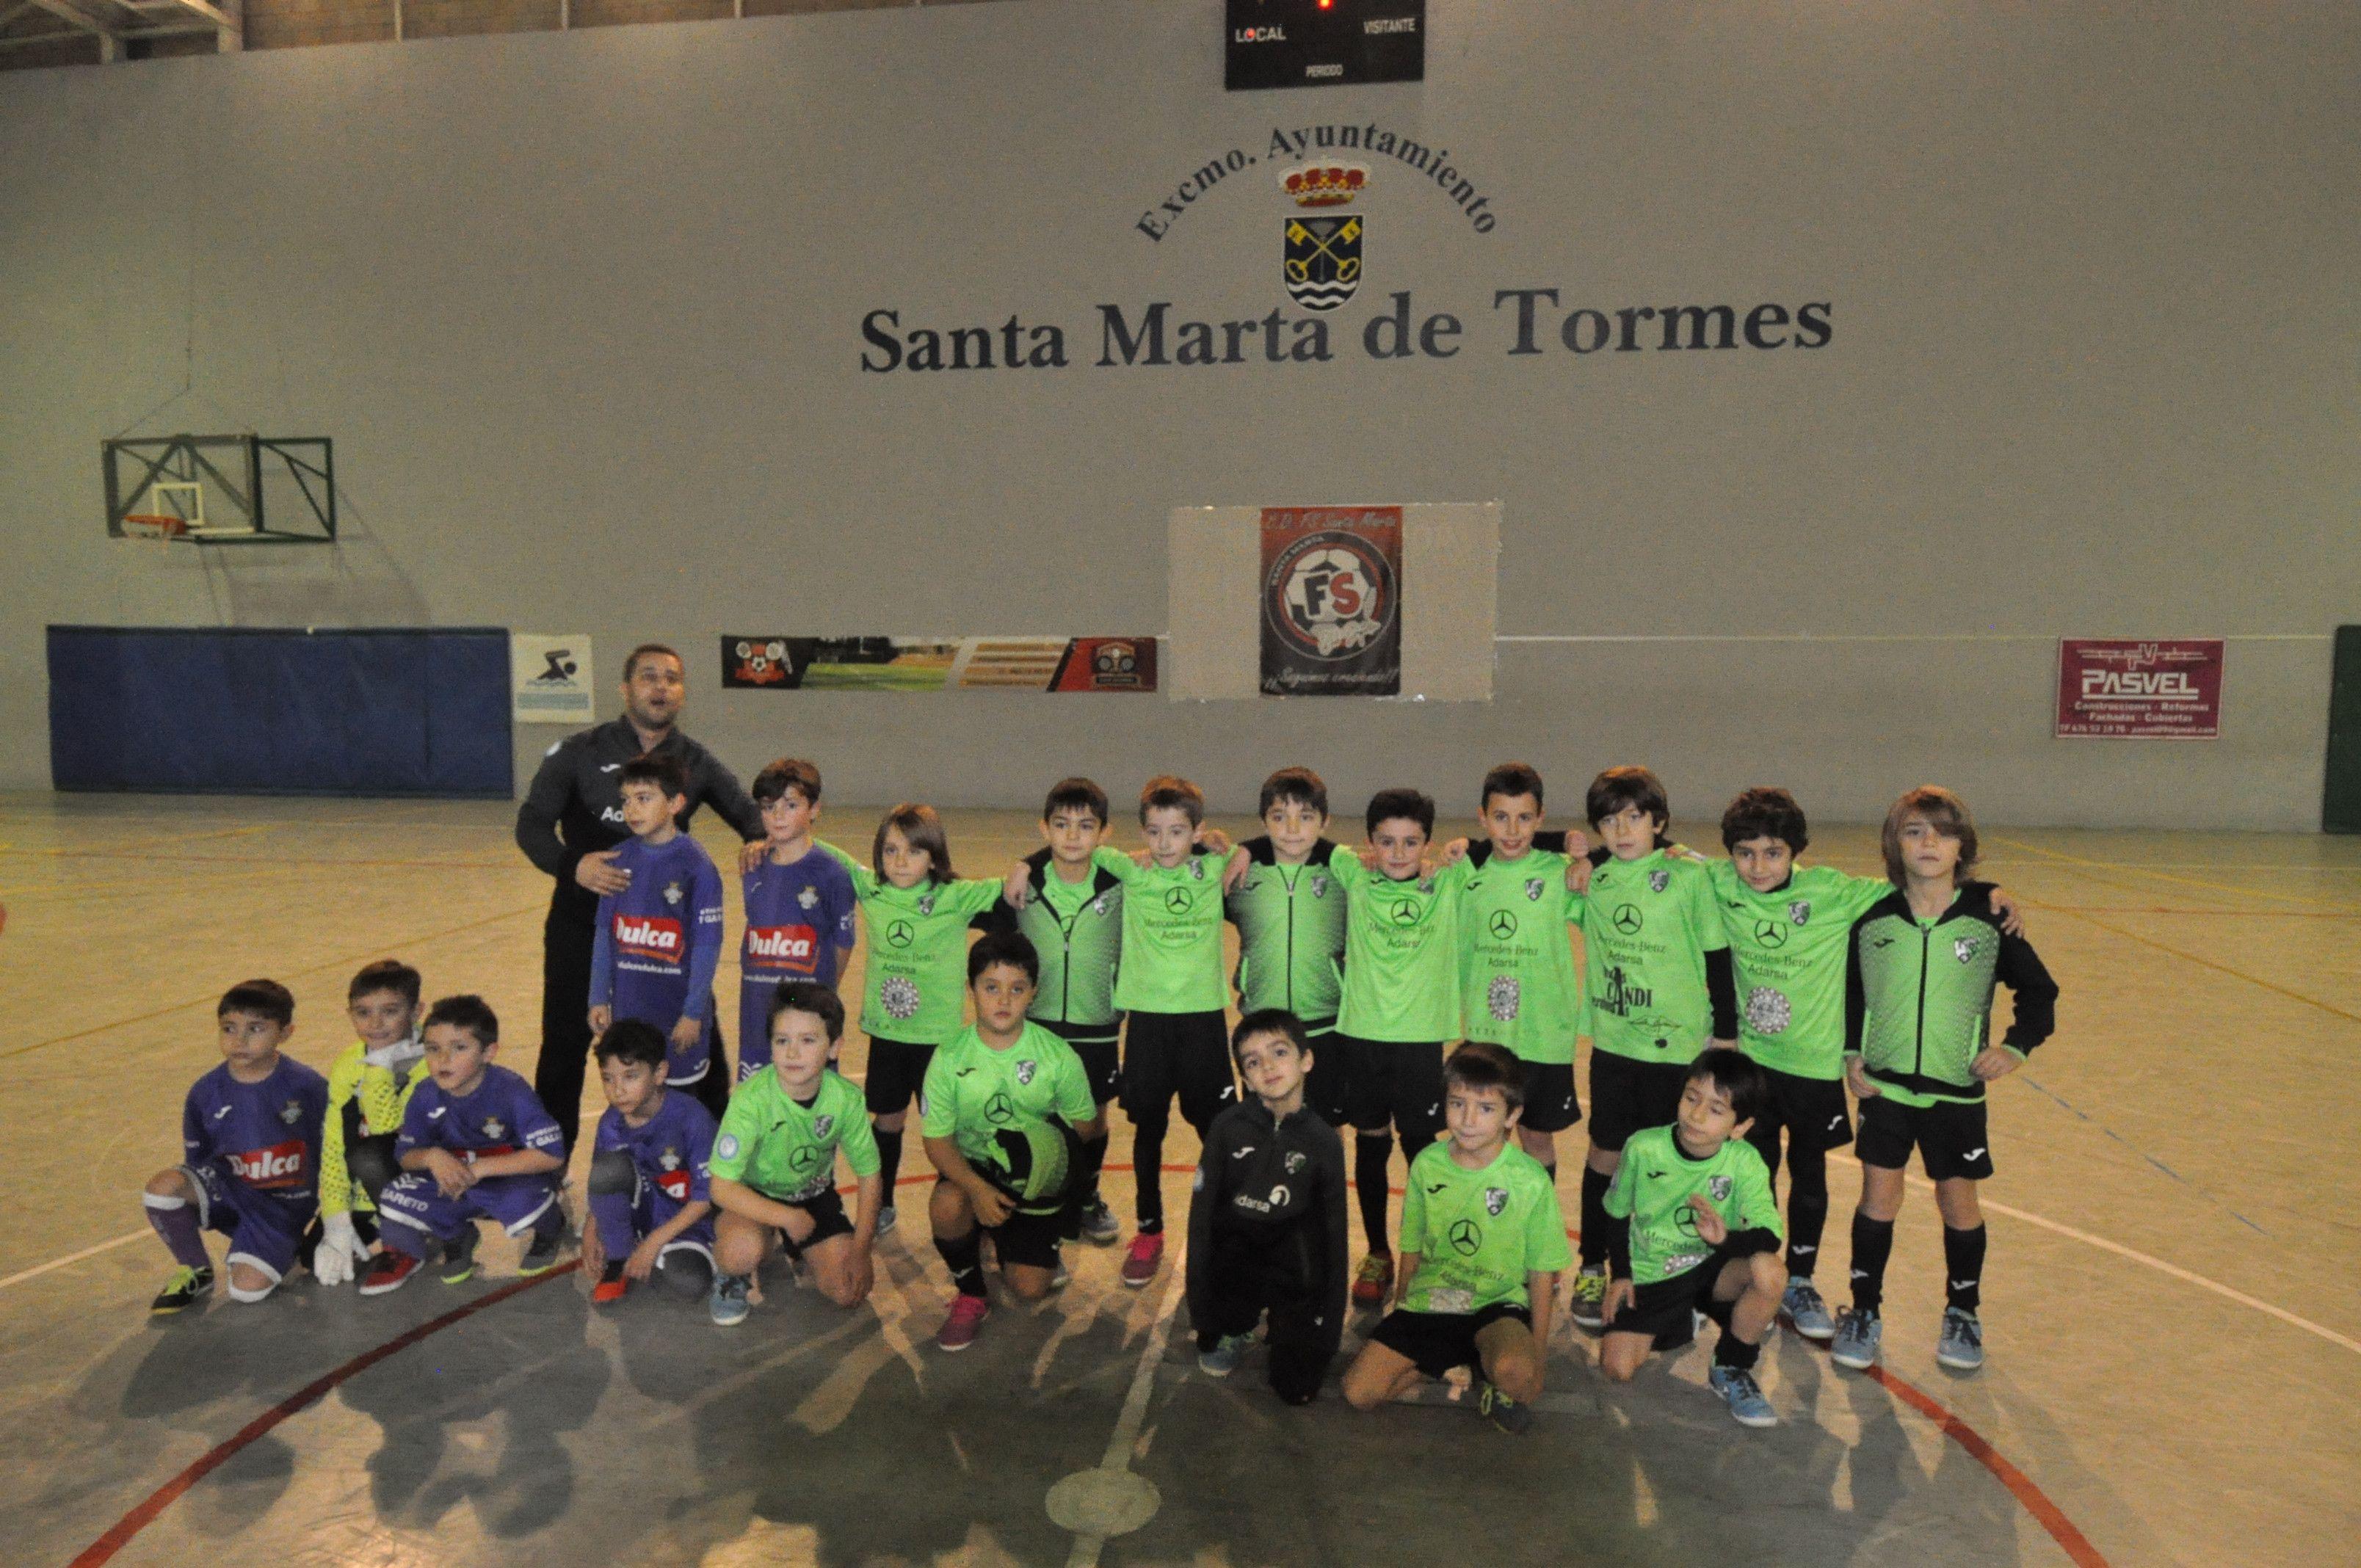 Torneo solidario Santa Marta (1)